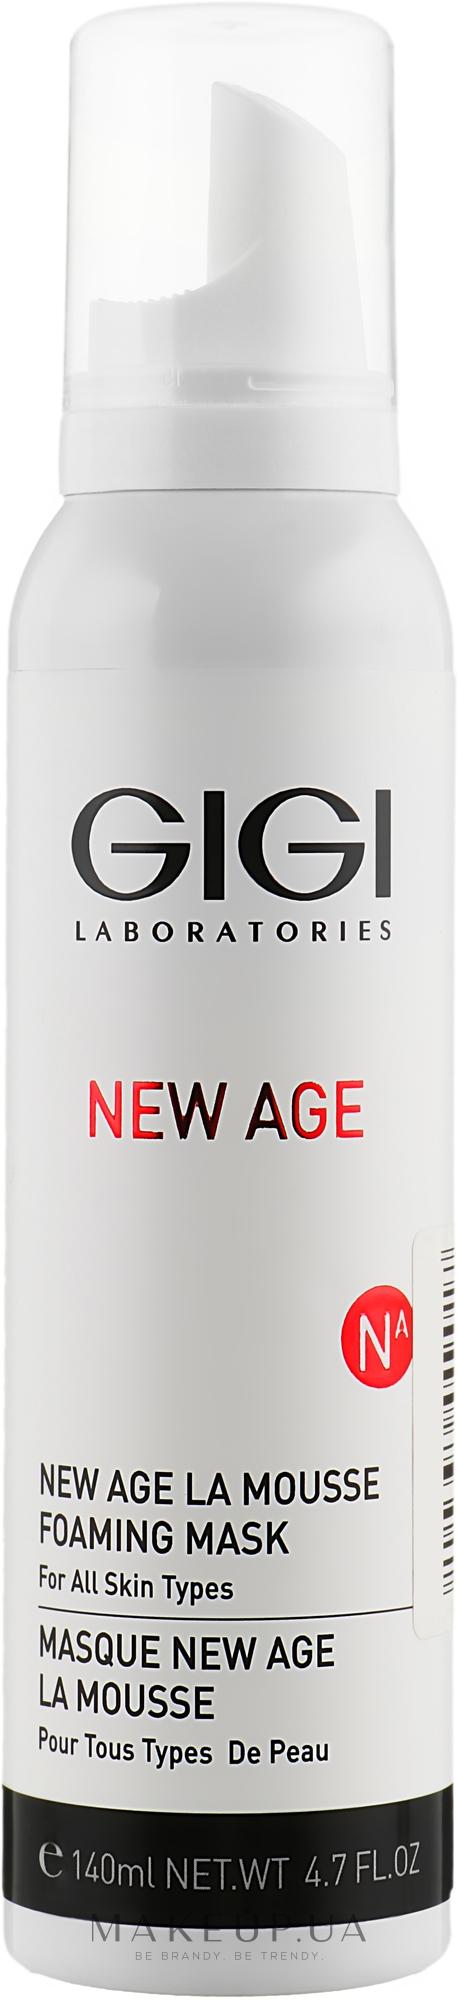 Маска-мус - Gigi New Age Foaming Mask  — фото 140ml